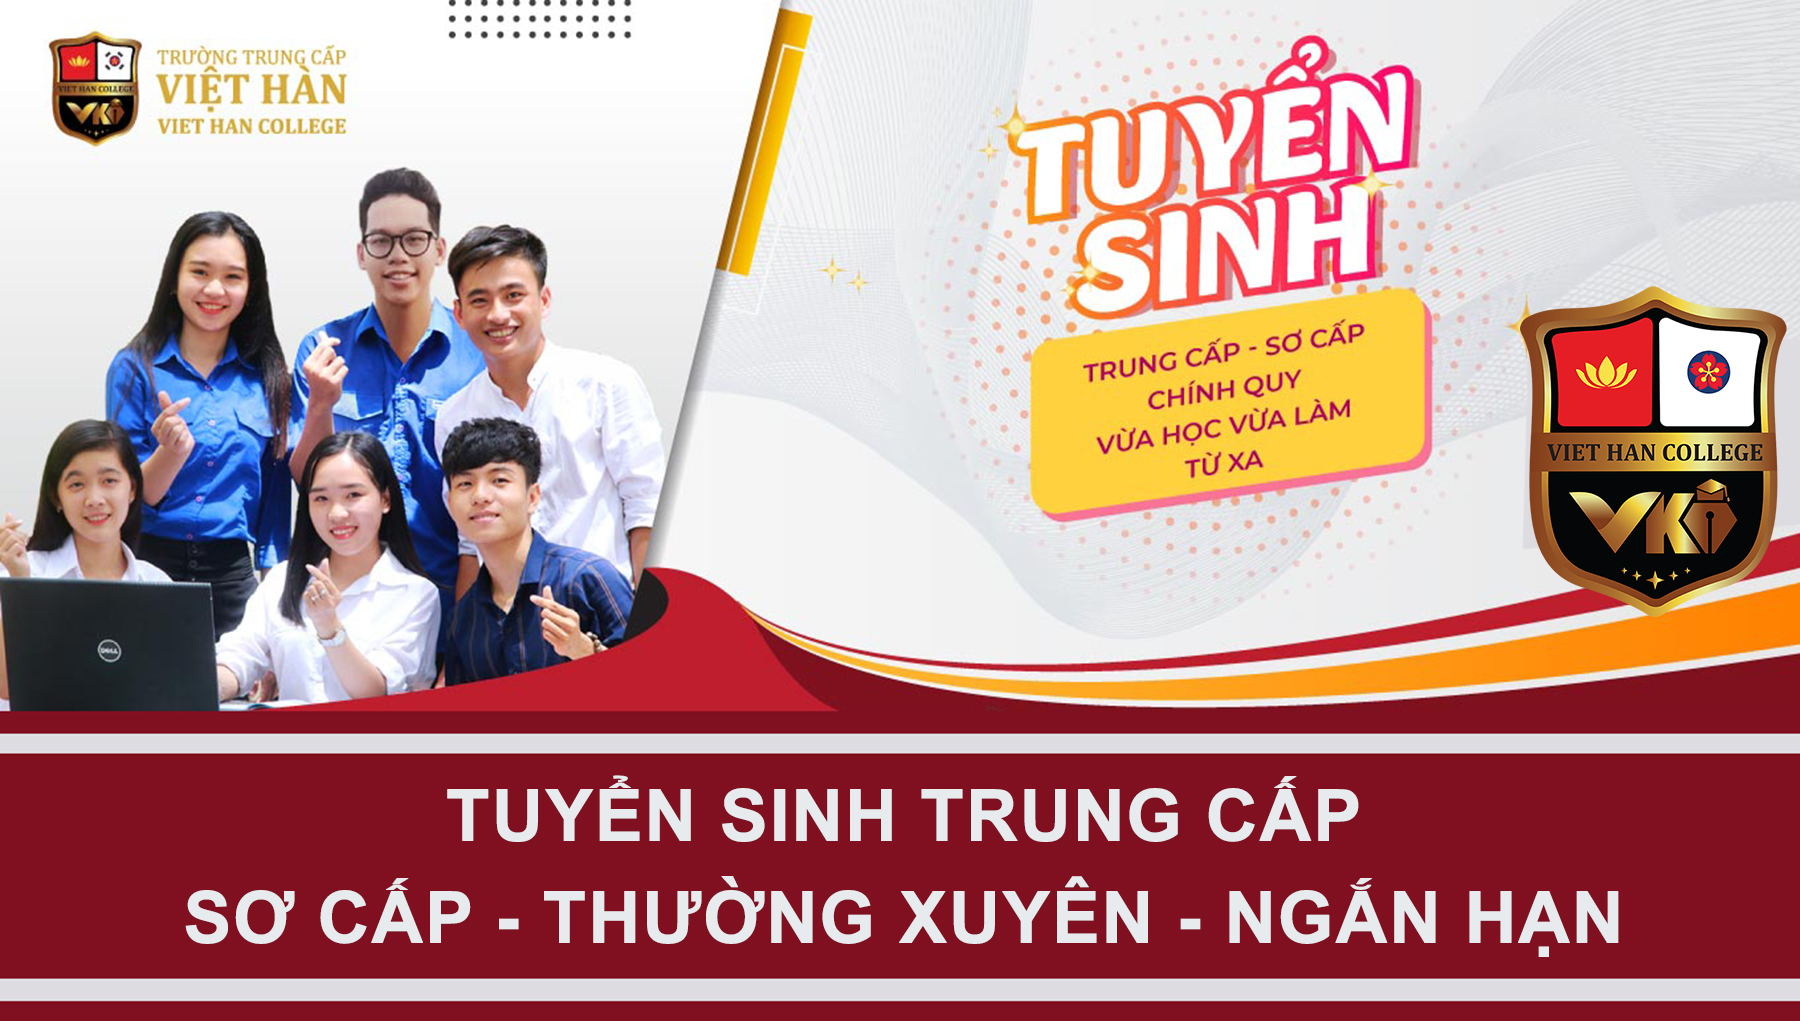 Trường Trung Cấp Việt Hàn Tuyển Sinh Đào Tạo Trên Toàn Quốc